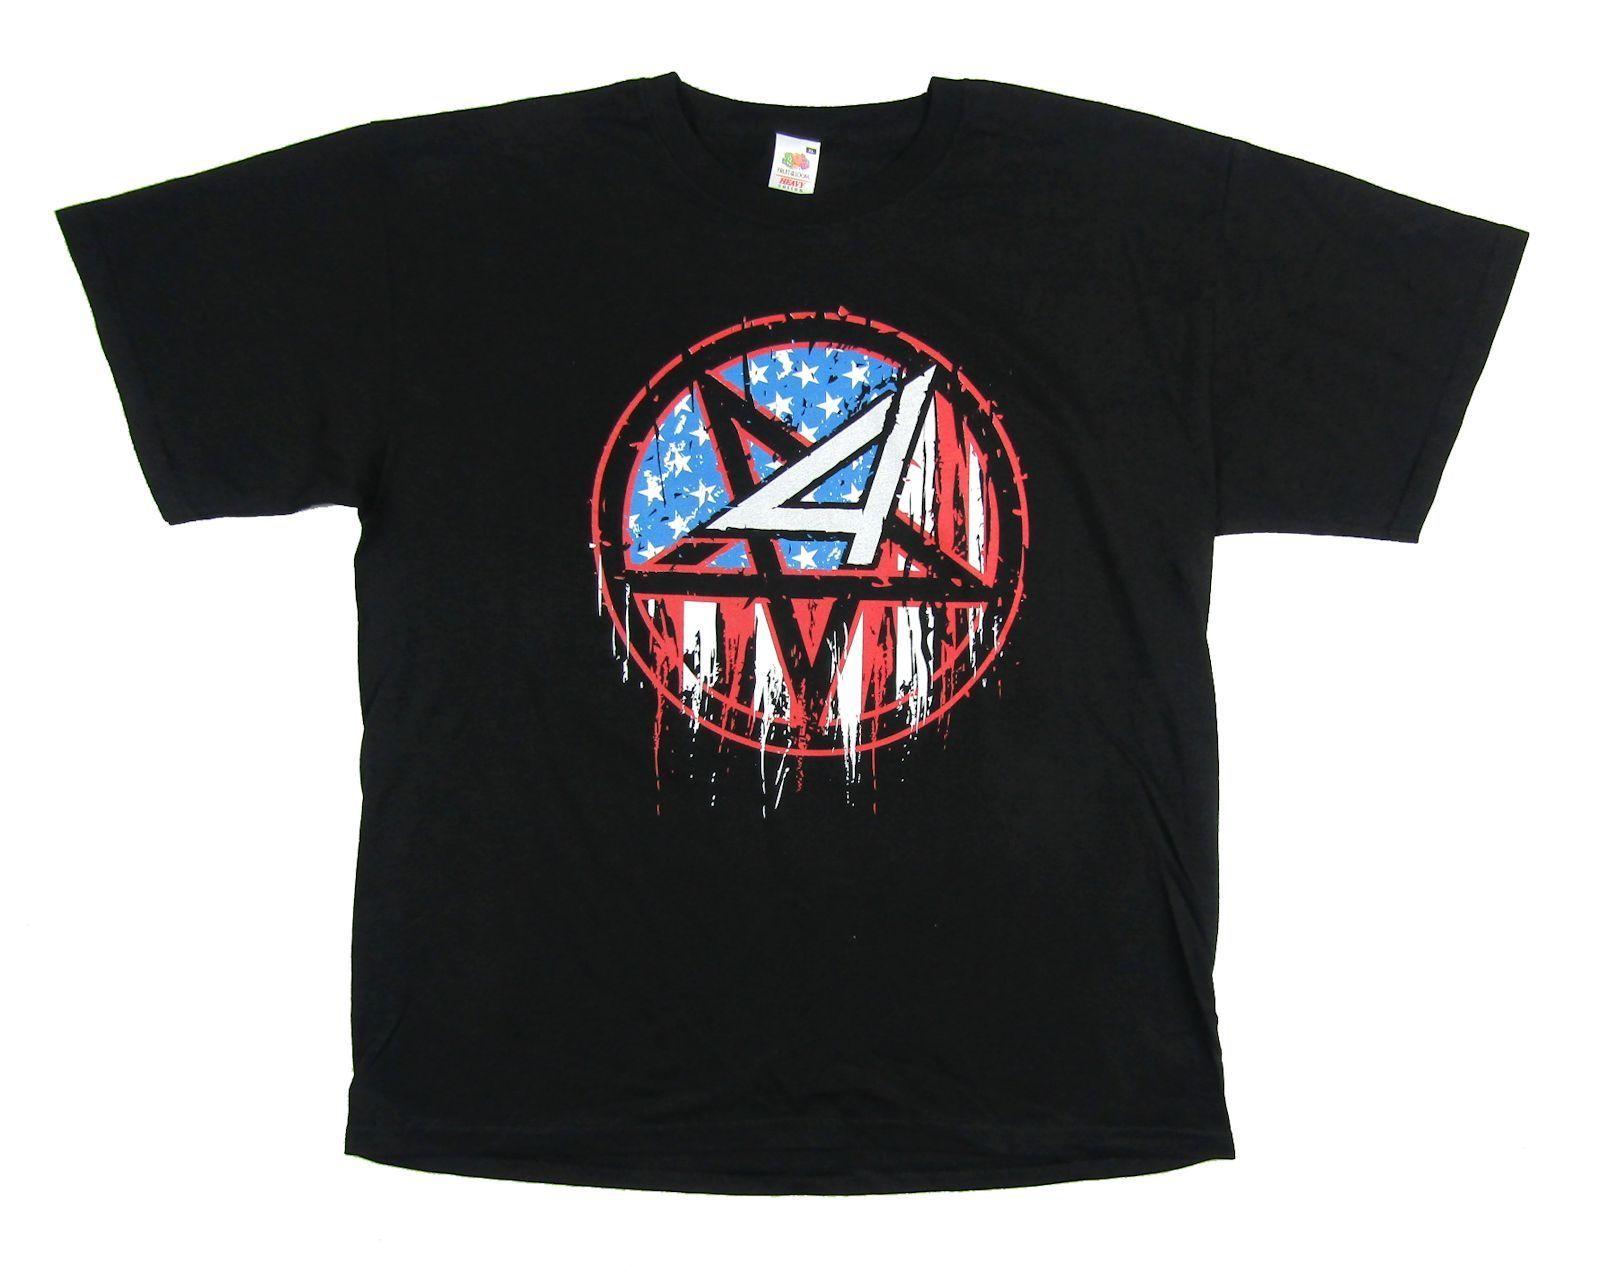 Anthrax флаг pentragram Мош предупреждающий знак черная футболка новый официальный Мерч группы